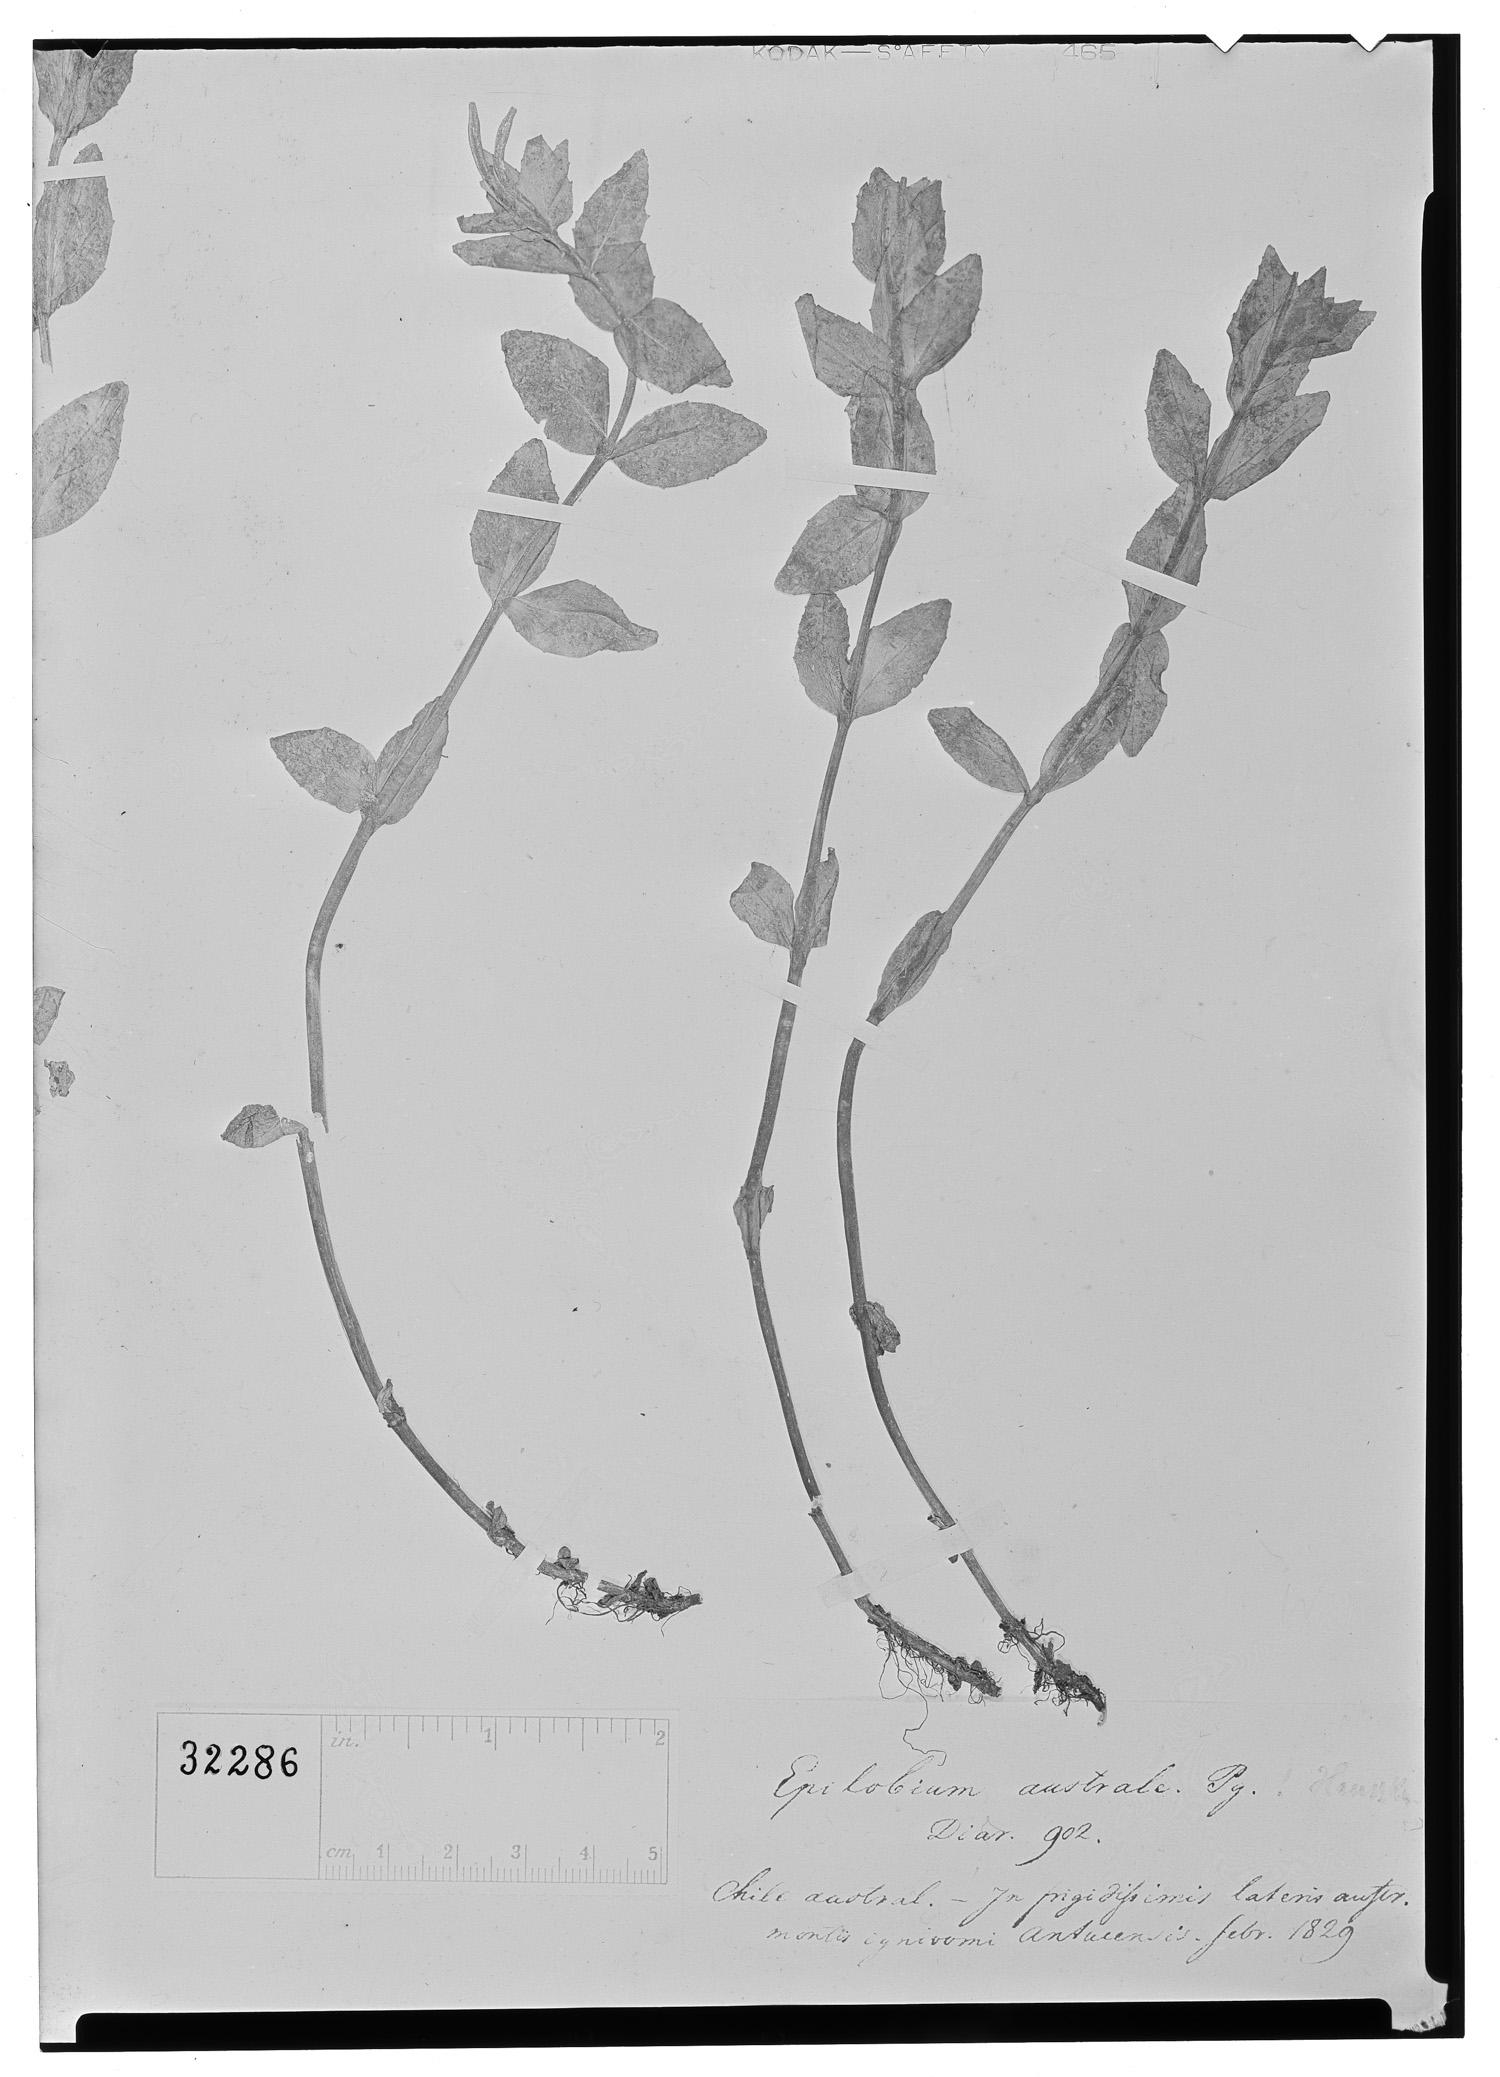 Epilobium australe image